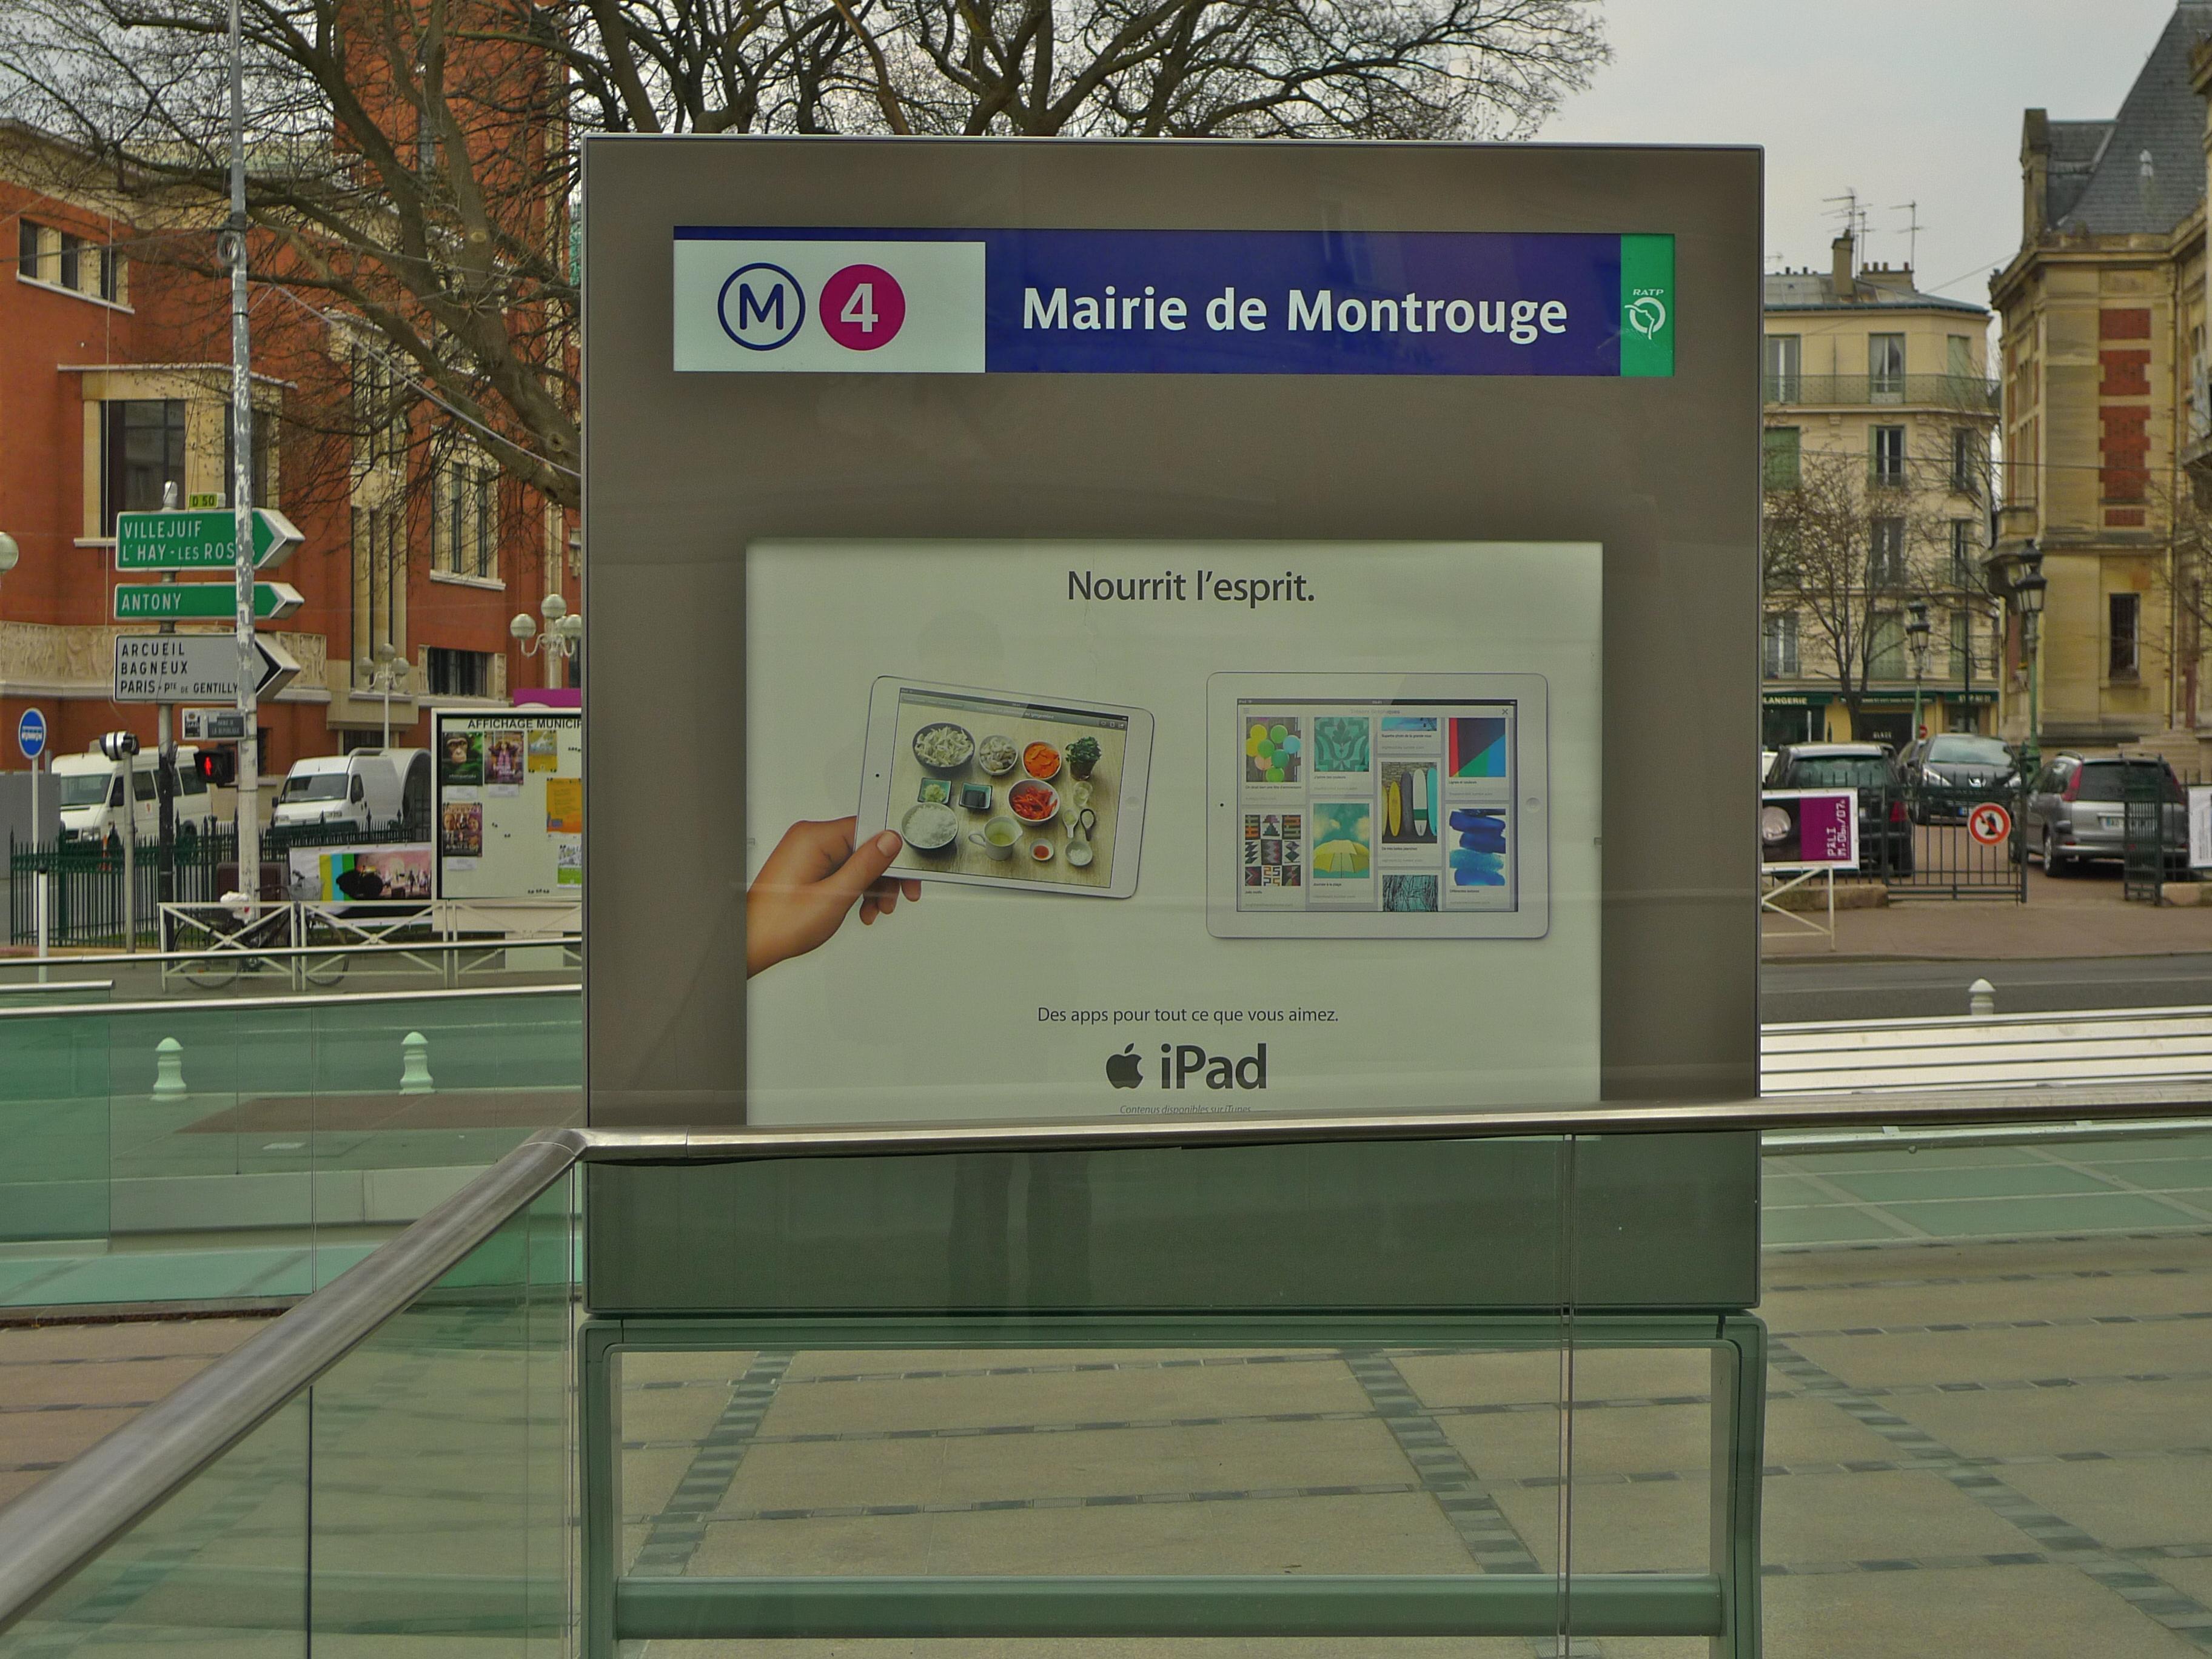 Mairie de Montrouge – Another New Métro Station | Soundlandscapes\' Blog